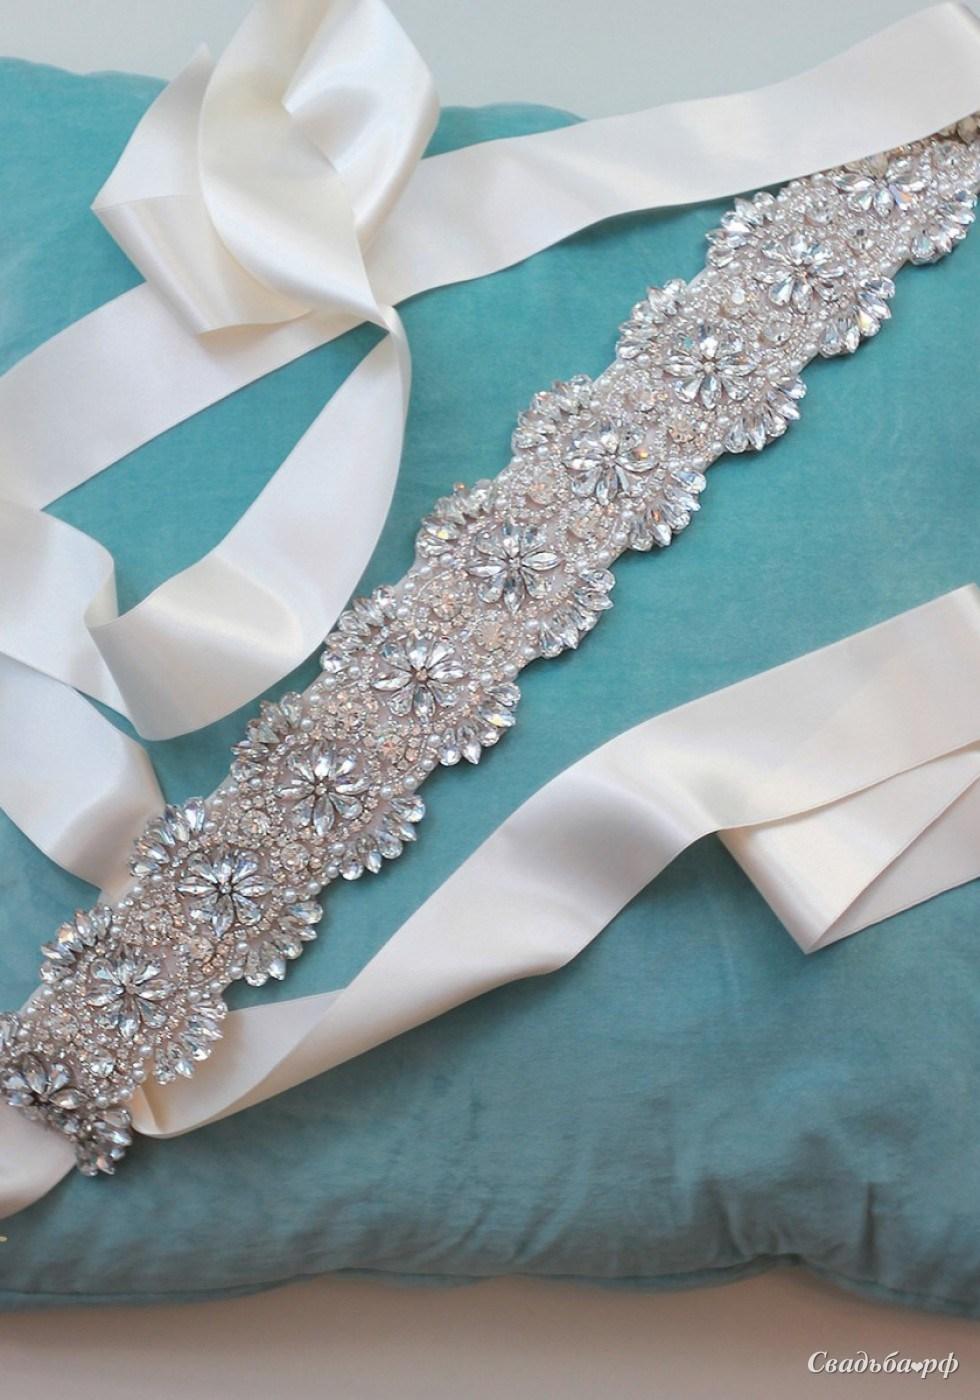 Пояс для платья своими руками: из ткани, из атласной ленты